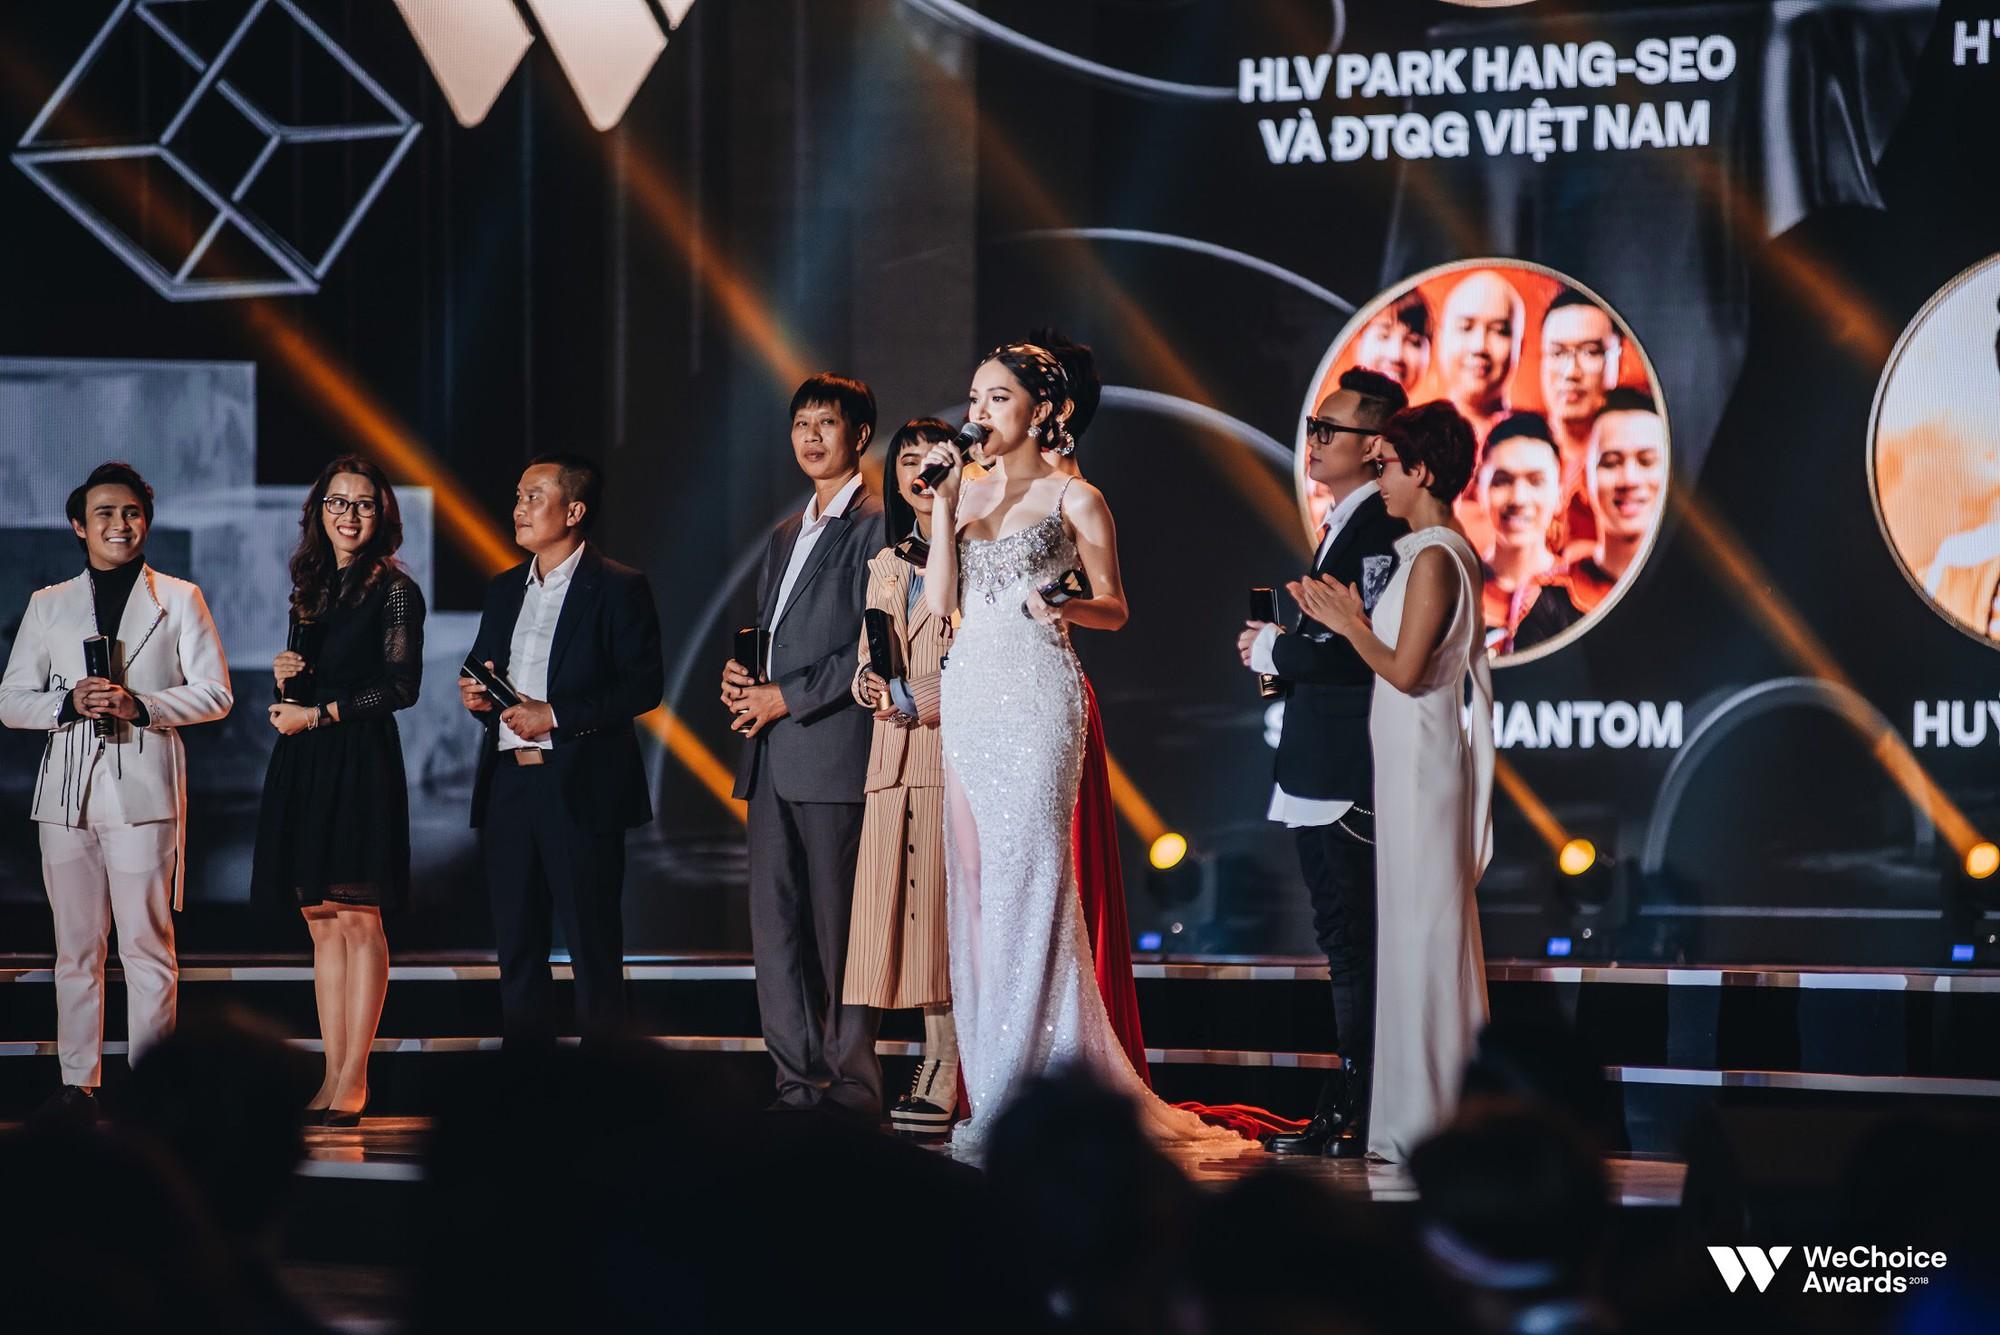 Gala WeChoice Awards 2018: Một đêm văn minh của niềm cảm hứng đẹp đẽ và những khán giả dõi theo đến tận phút cuối cùng - Ảnh 5.